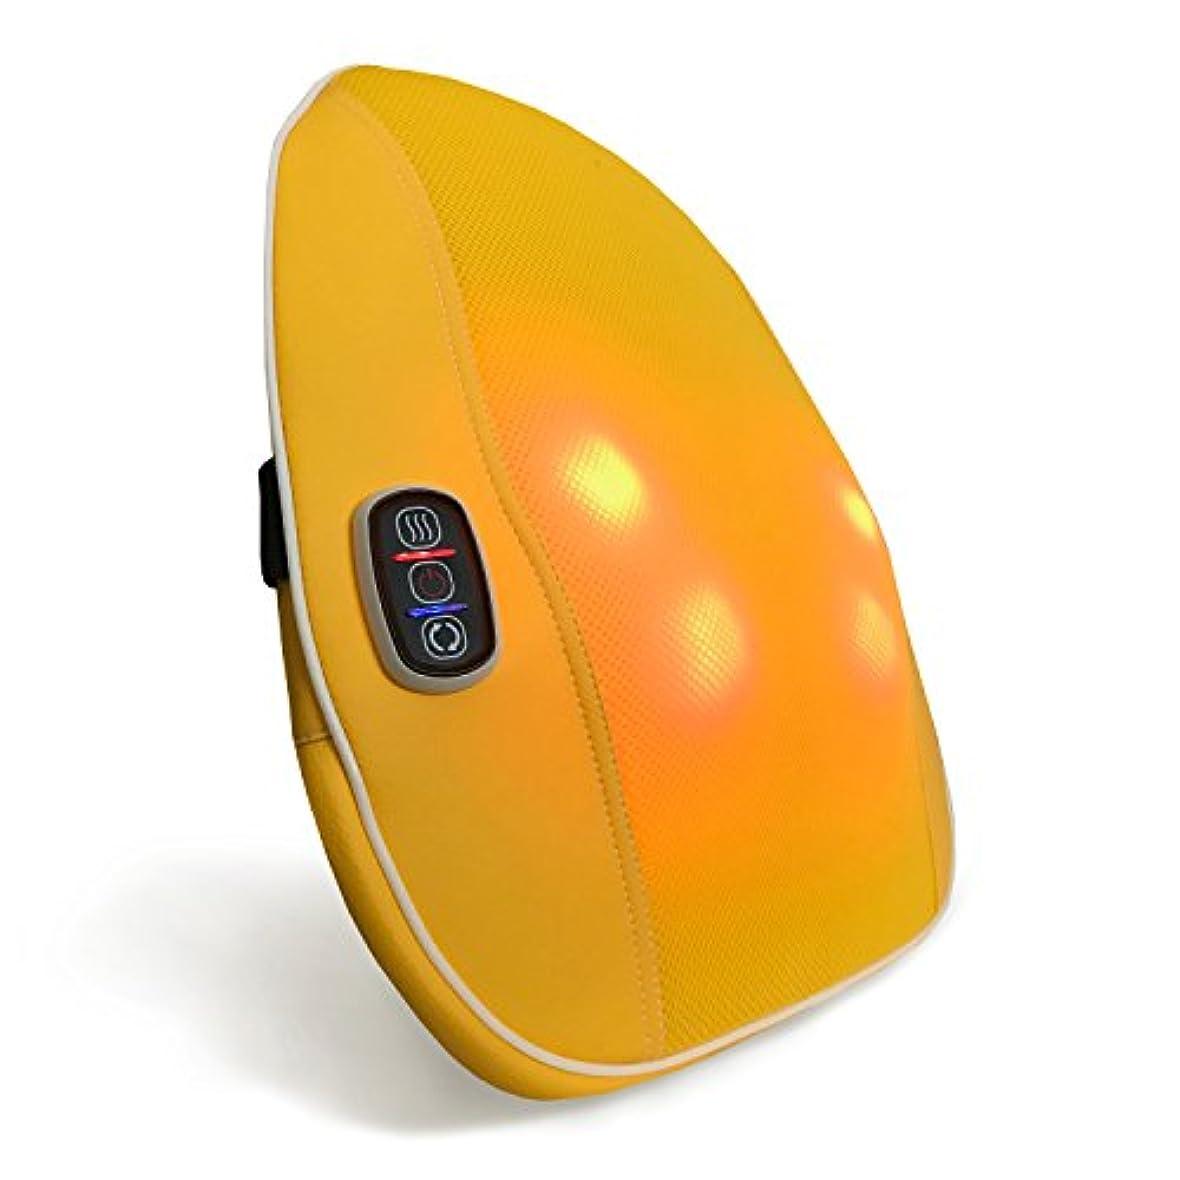 苛性サーバ自由クロシオ スマートマッサージャー パプリカ イエロー 幅40cm 厚み9cm もみ玉式マッサージ器 薄型 簡単操作 マッサージクッション